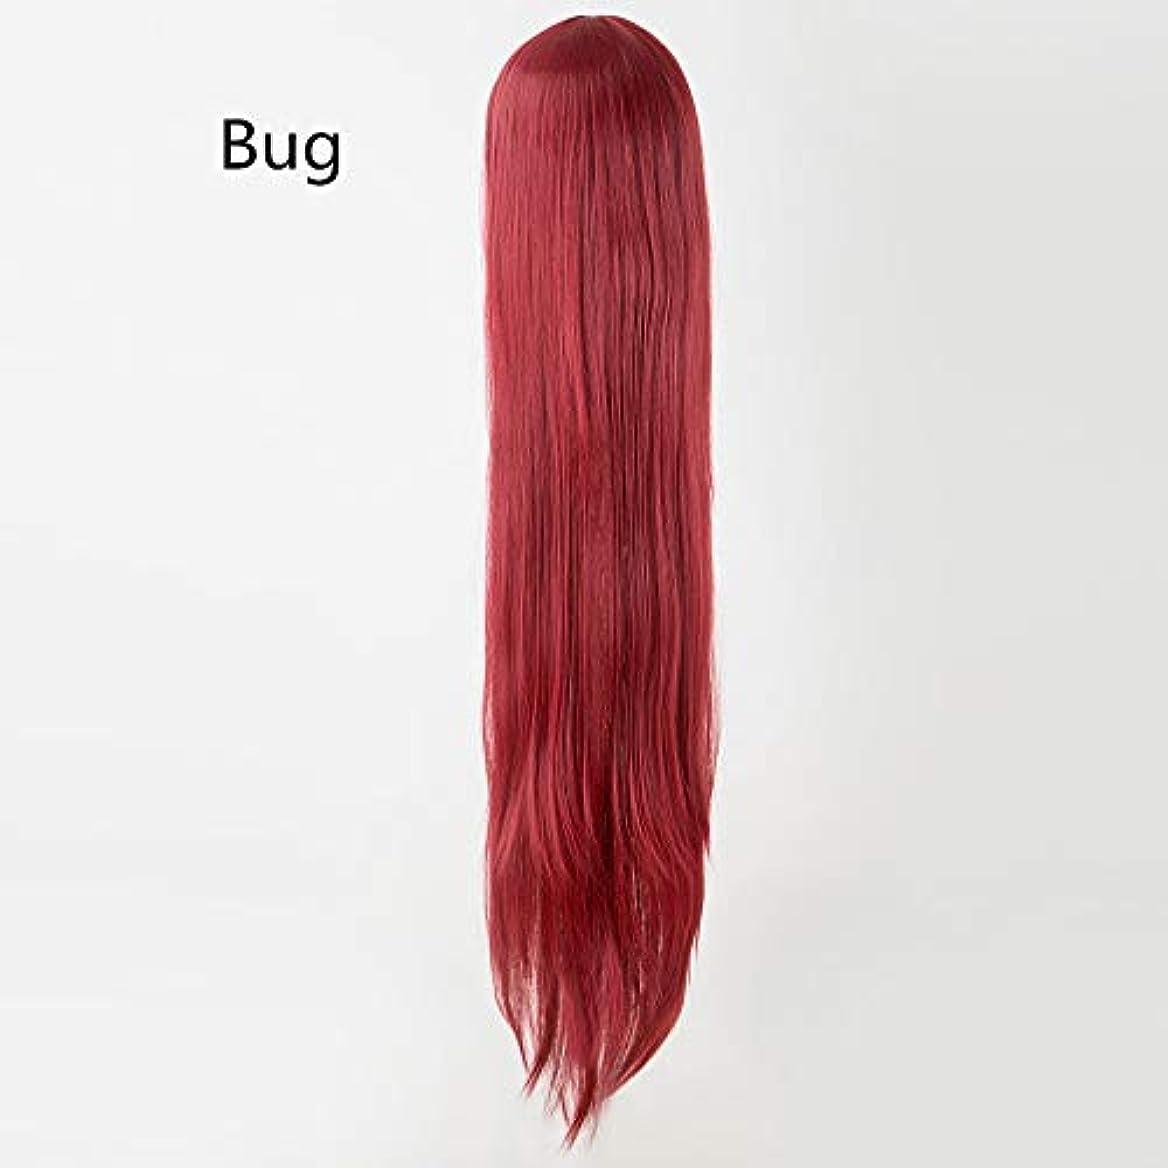 めまい課す解明リザイ 黒かつら100センチ/ 40インチ合成耐熱繊維ロングハロウィーンカーニバル衣装コスプレストレート女性の髪 (Color : Bug, Stretched Length : 38inches)